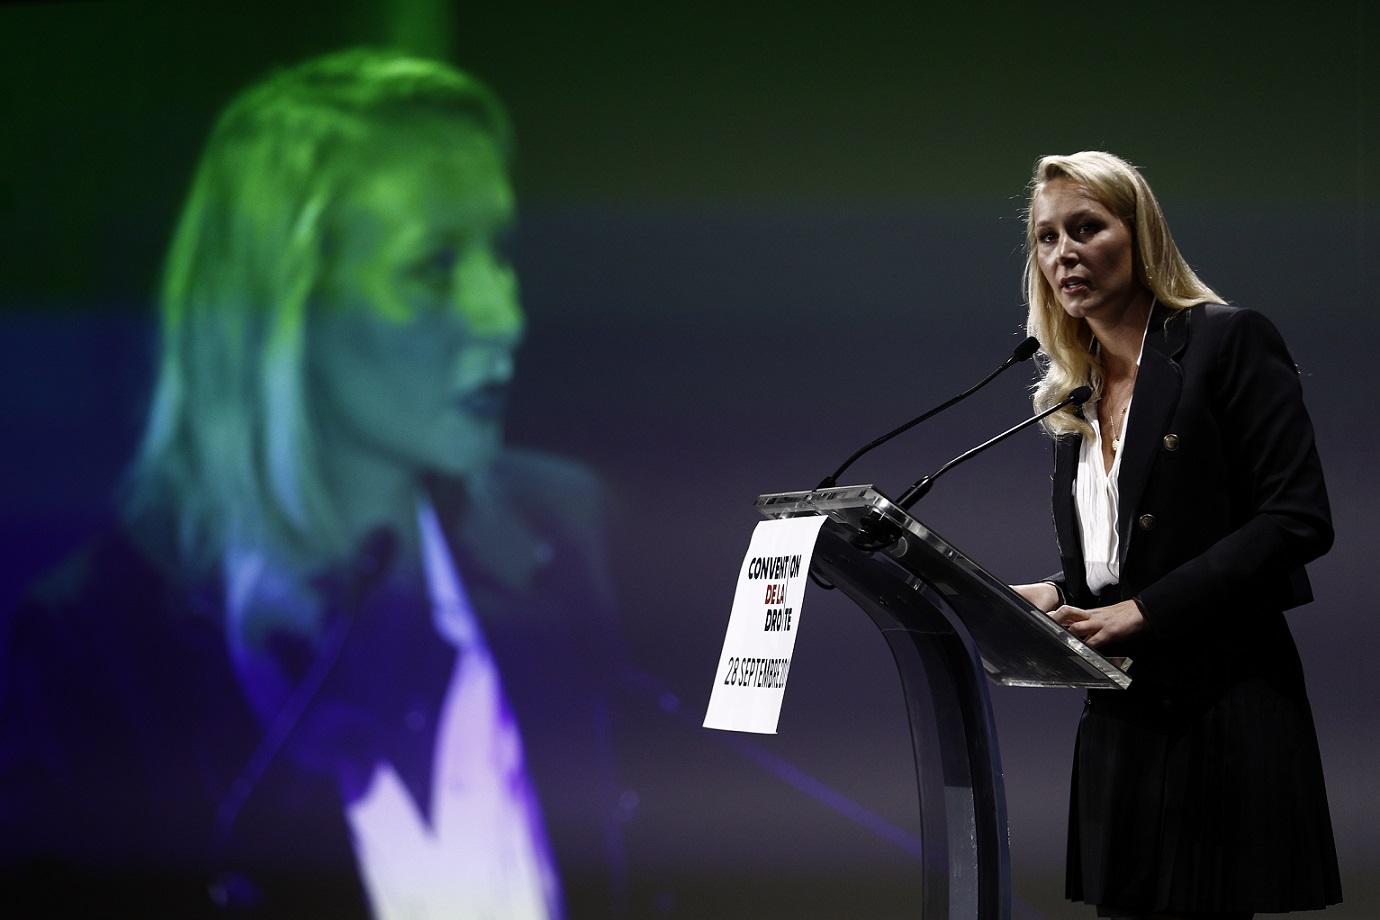 Marion Maréchal prononce un discours lors de la Convention de la droite à Paris, le 28 septembre 2019 (AFP)